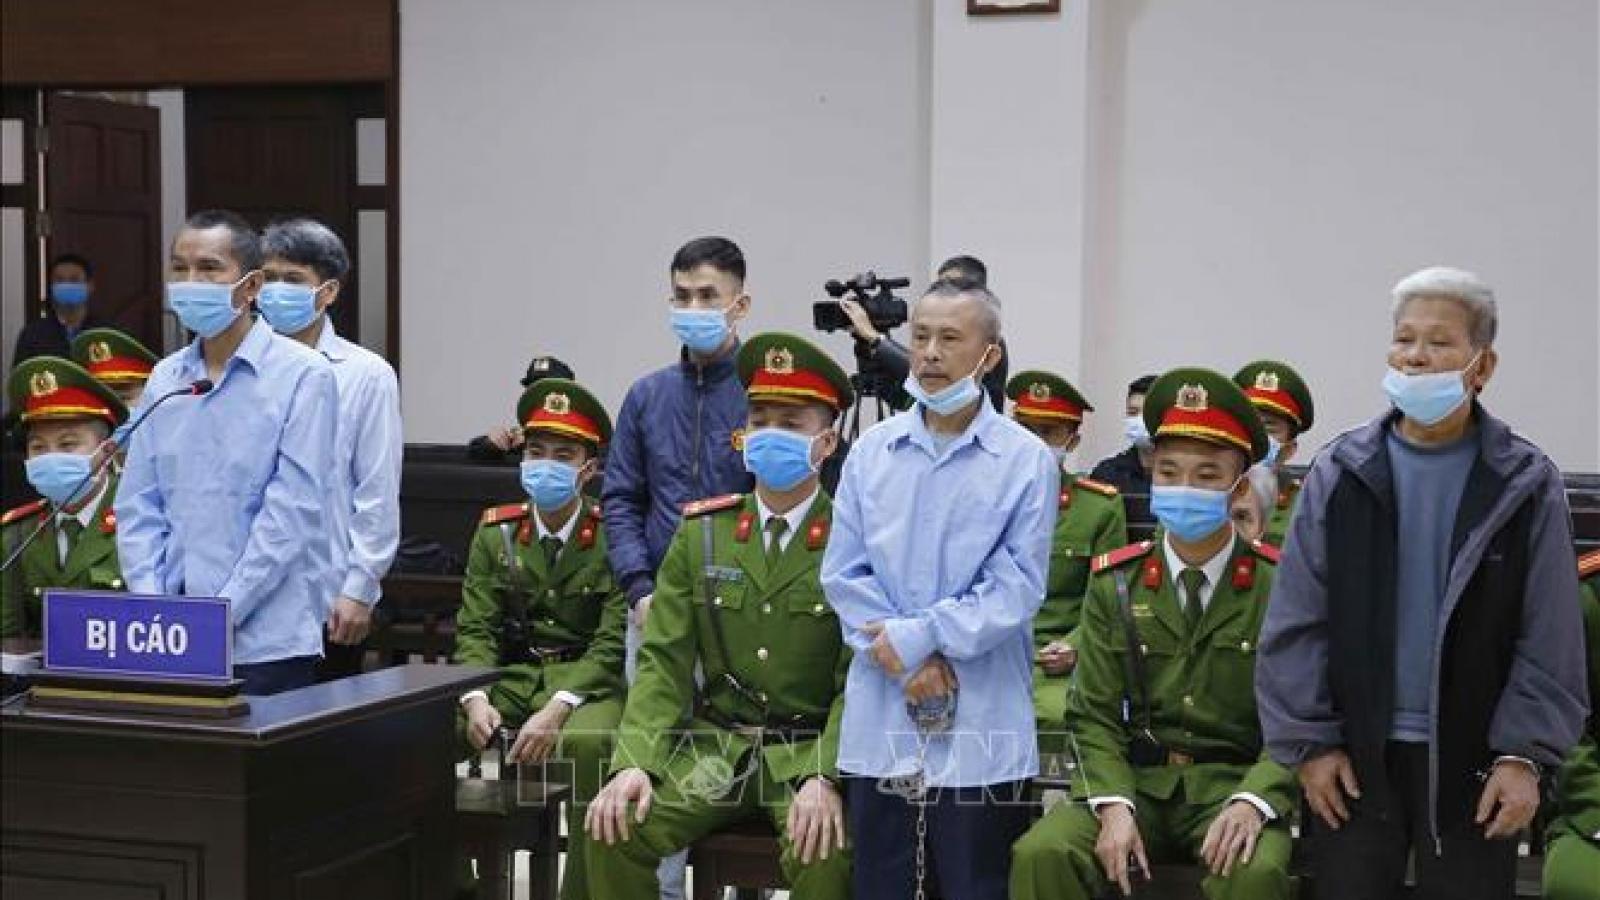 Vụ án Đồng Tâm: Y án tử hình với 2 bị cáo Lê Đình Công, Lê Đình Chức